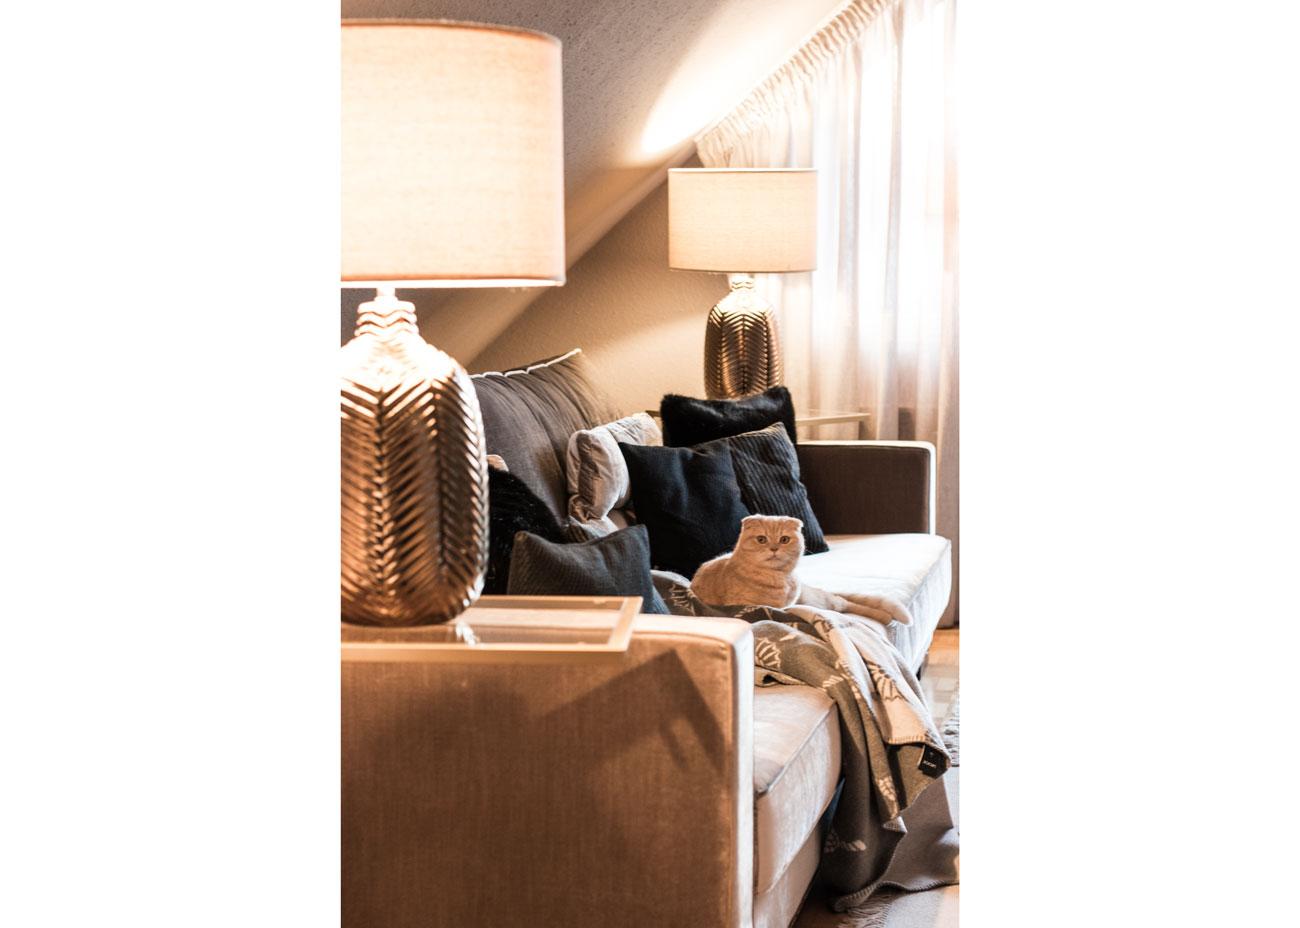 Wohnung renovieren wohnzimmer couch taupe kissen schwarz leuchten katze